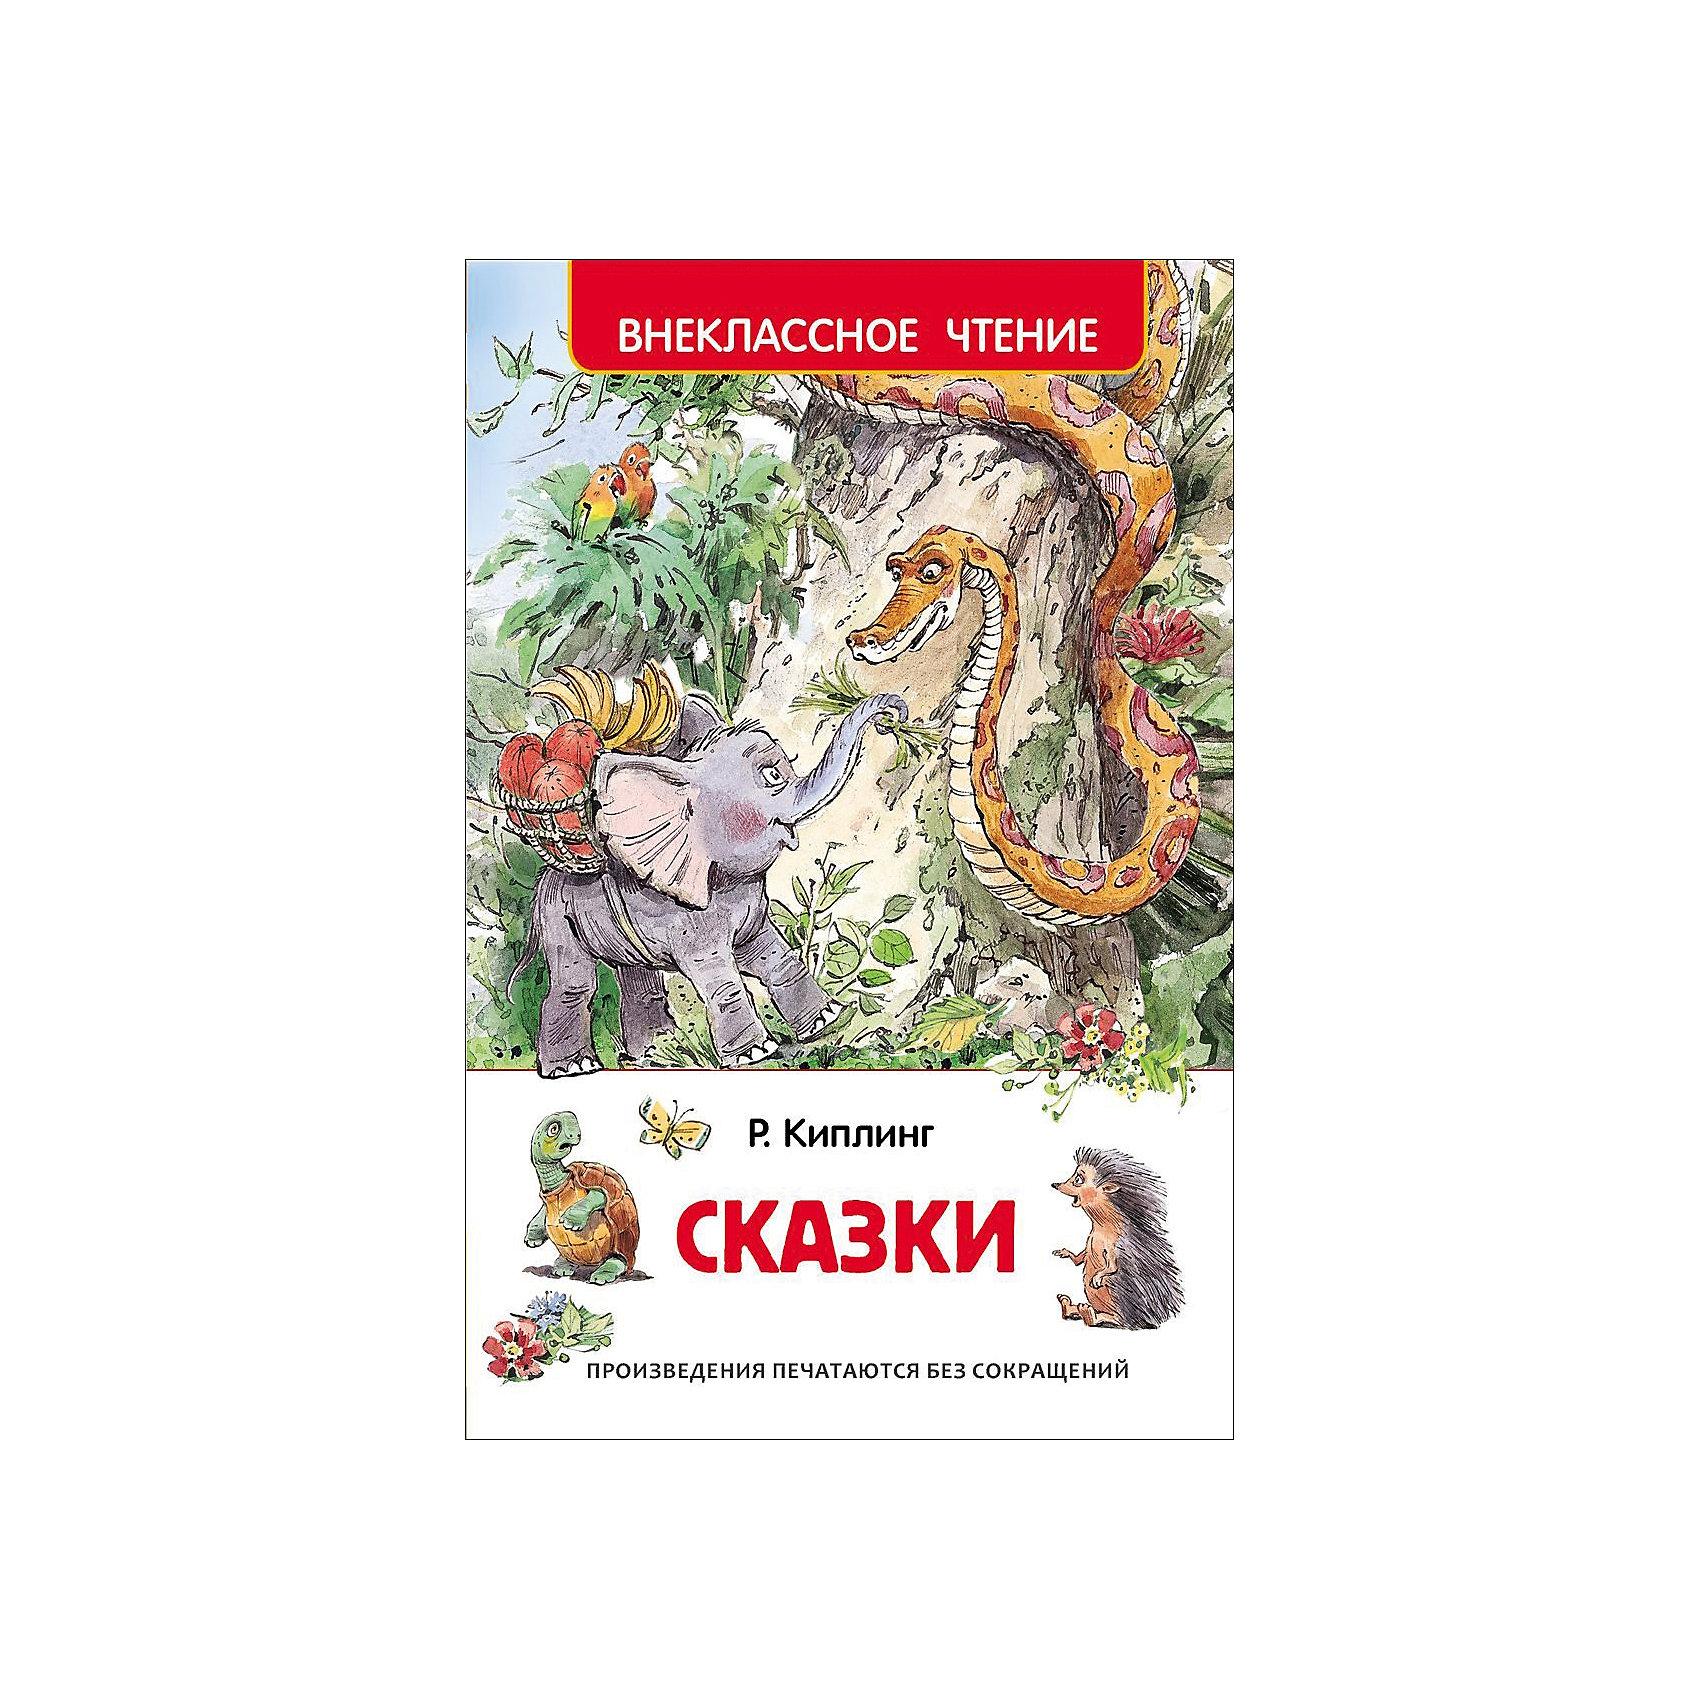 Сказки, Р. КиплингХарактеристики товара:<br><br>- цвет: разноцветный;<br>- материал: бумага;<br>- количество страниц: 128;<br>- формат: 20,5 x 13,5 см;<br>- обложка: твердая;<br>- возраст: 7+;<br>- содержание: Откуда у Кита такая глотка, Отчего у Верблюда горб, Слонёнок, Откуда взялись Броненосцы, Кошка, гулявшая сама по себе, Откуда у Носорога шкура, Рикки-Тикки-Тави.<br><br>Р. Киплинг – известный и всеми любимый писатель. Чуковский К. – автор классического перевода знаменитых сказок. В сборник вошли несколько самых значимых сказок, которые любимы и взрослыми и детьми. Истории Киплинга – идеальный вариант при выборе чтения литературы на ночь. В книге есть яркие и красочные иллюстрации, привлекающие внимание малыша и способные привить любовь к книгам. Все материалы, использованные при производстве издания, соответствуют всем стандартам качества и безопасности. <br><br>Издание Сказки, Р. Киплинг от компании Росмэн можно приобрести в нашем интернет-магазине.<br><br>Ширина мм: 205<br>Глубина мм: 135<br>Высота мм: 10<br>Вес г: 192<br>Возраст от месяцев: 84<br>Возраст до месяцев: 108<br>Пол: Унисекс<br>Возраст: Детский<br>SKU: 5109882